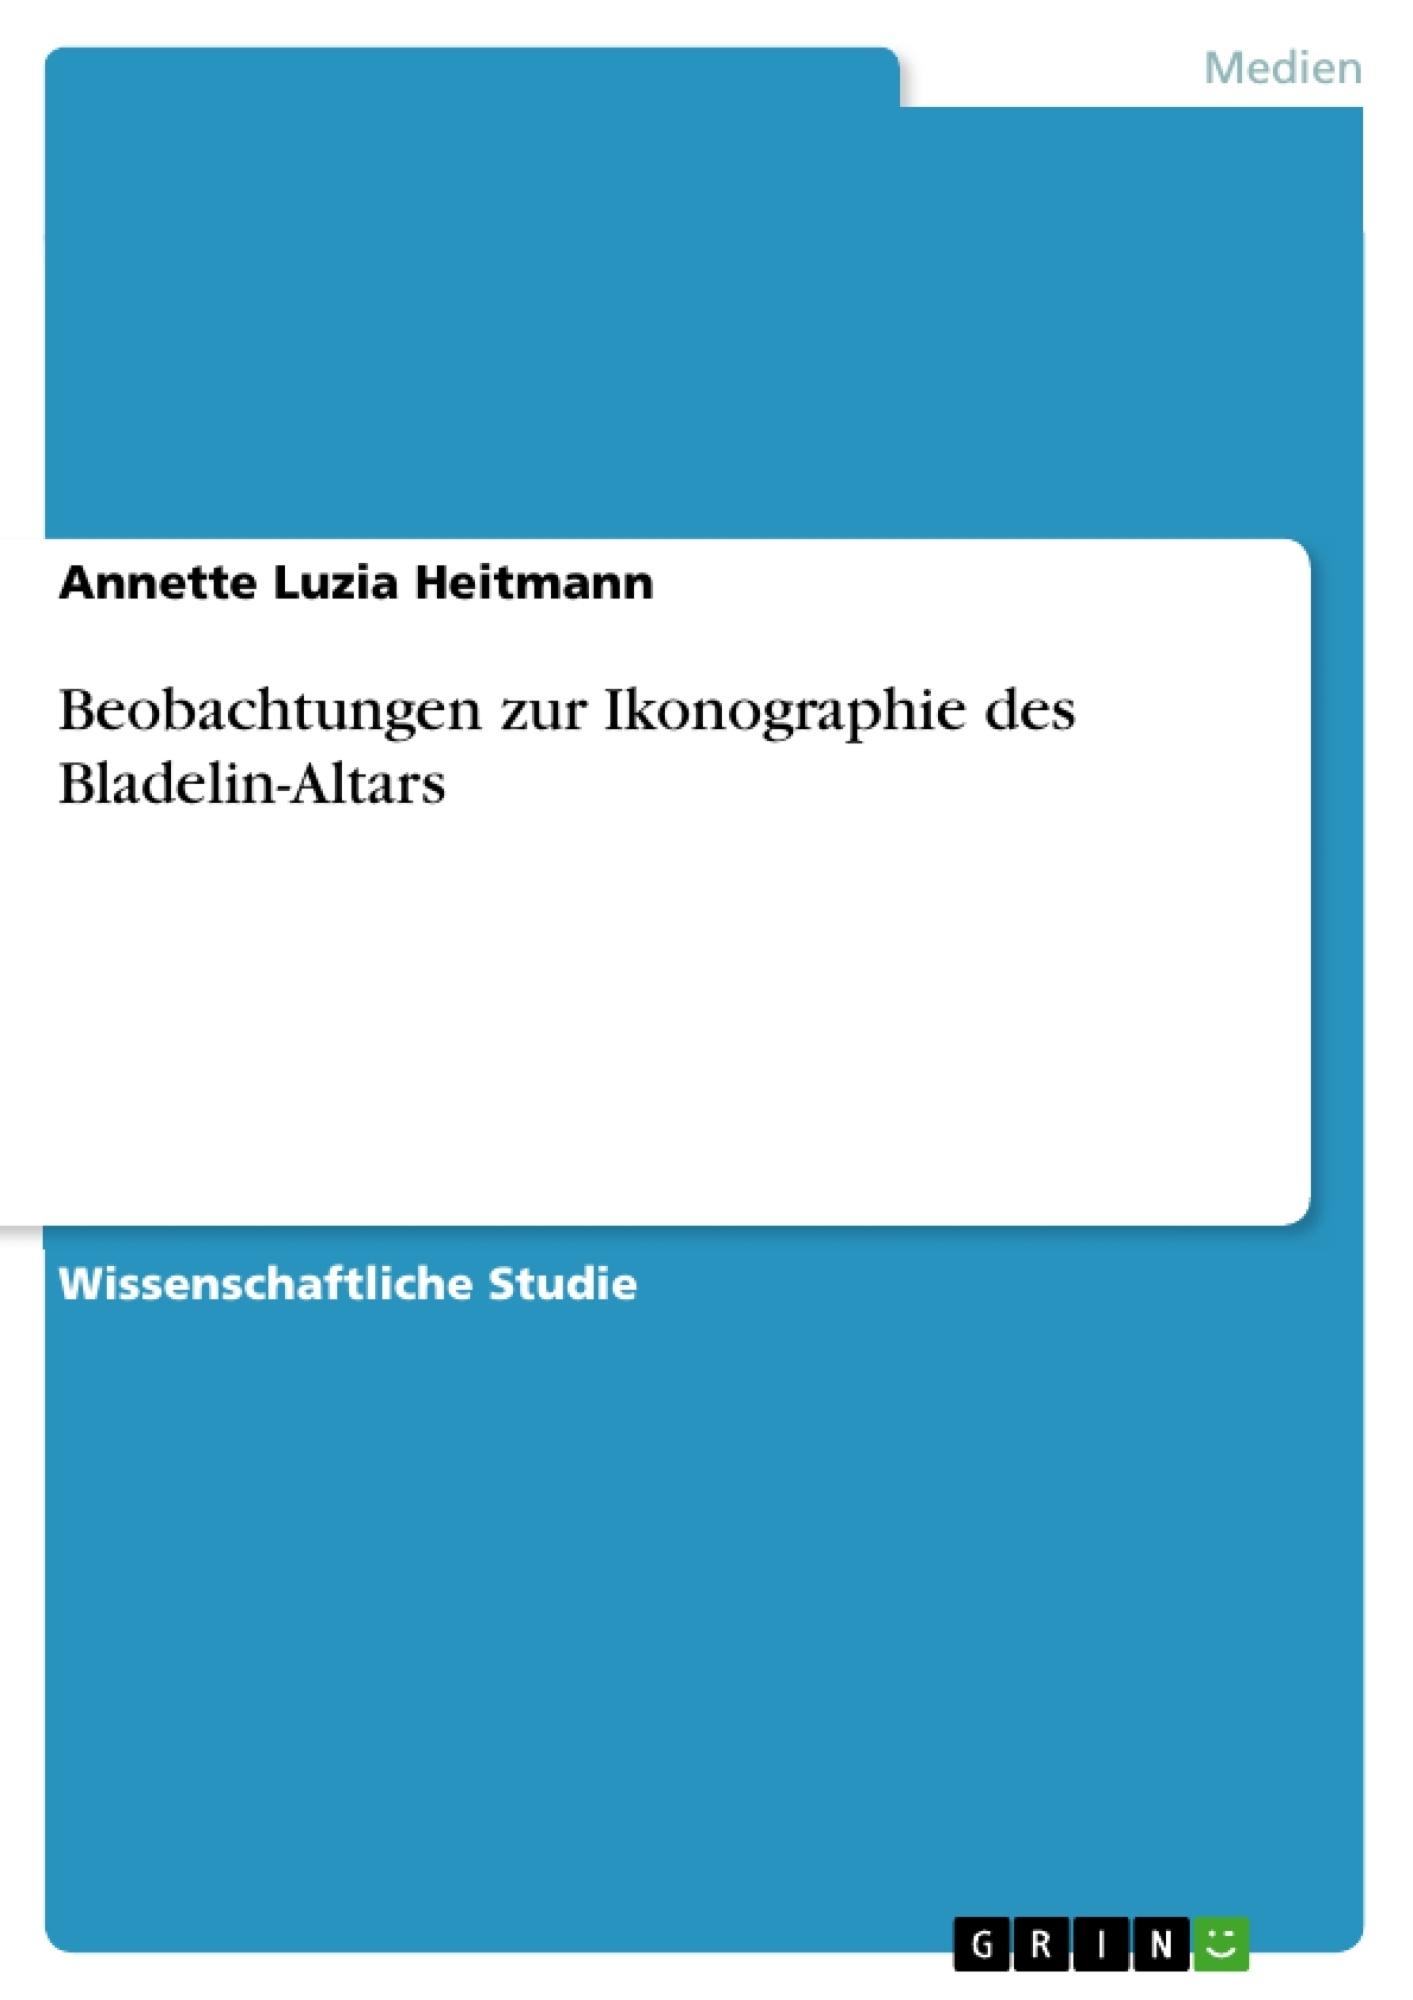 Titel: Beobachtungen zur Ikonographie des Bladelin-Altars